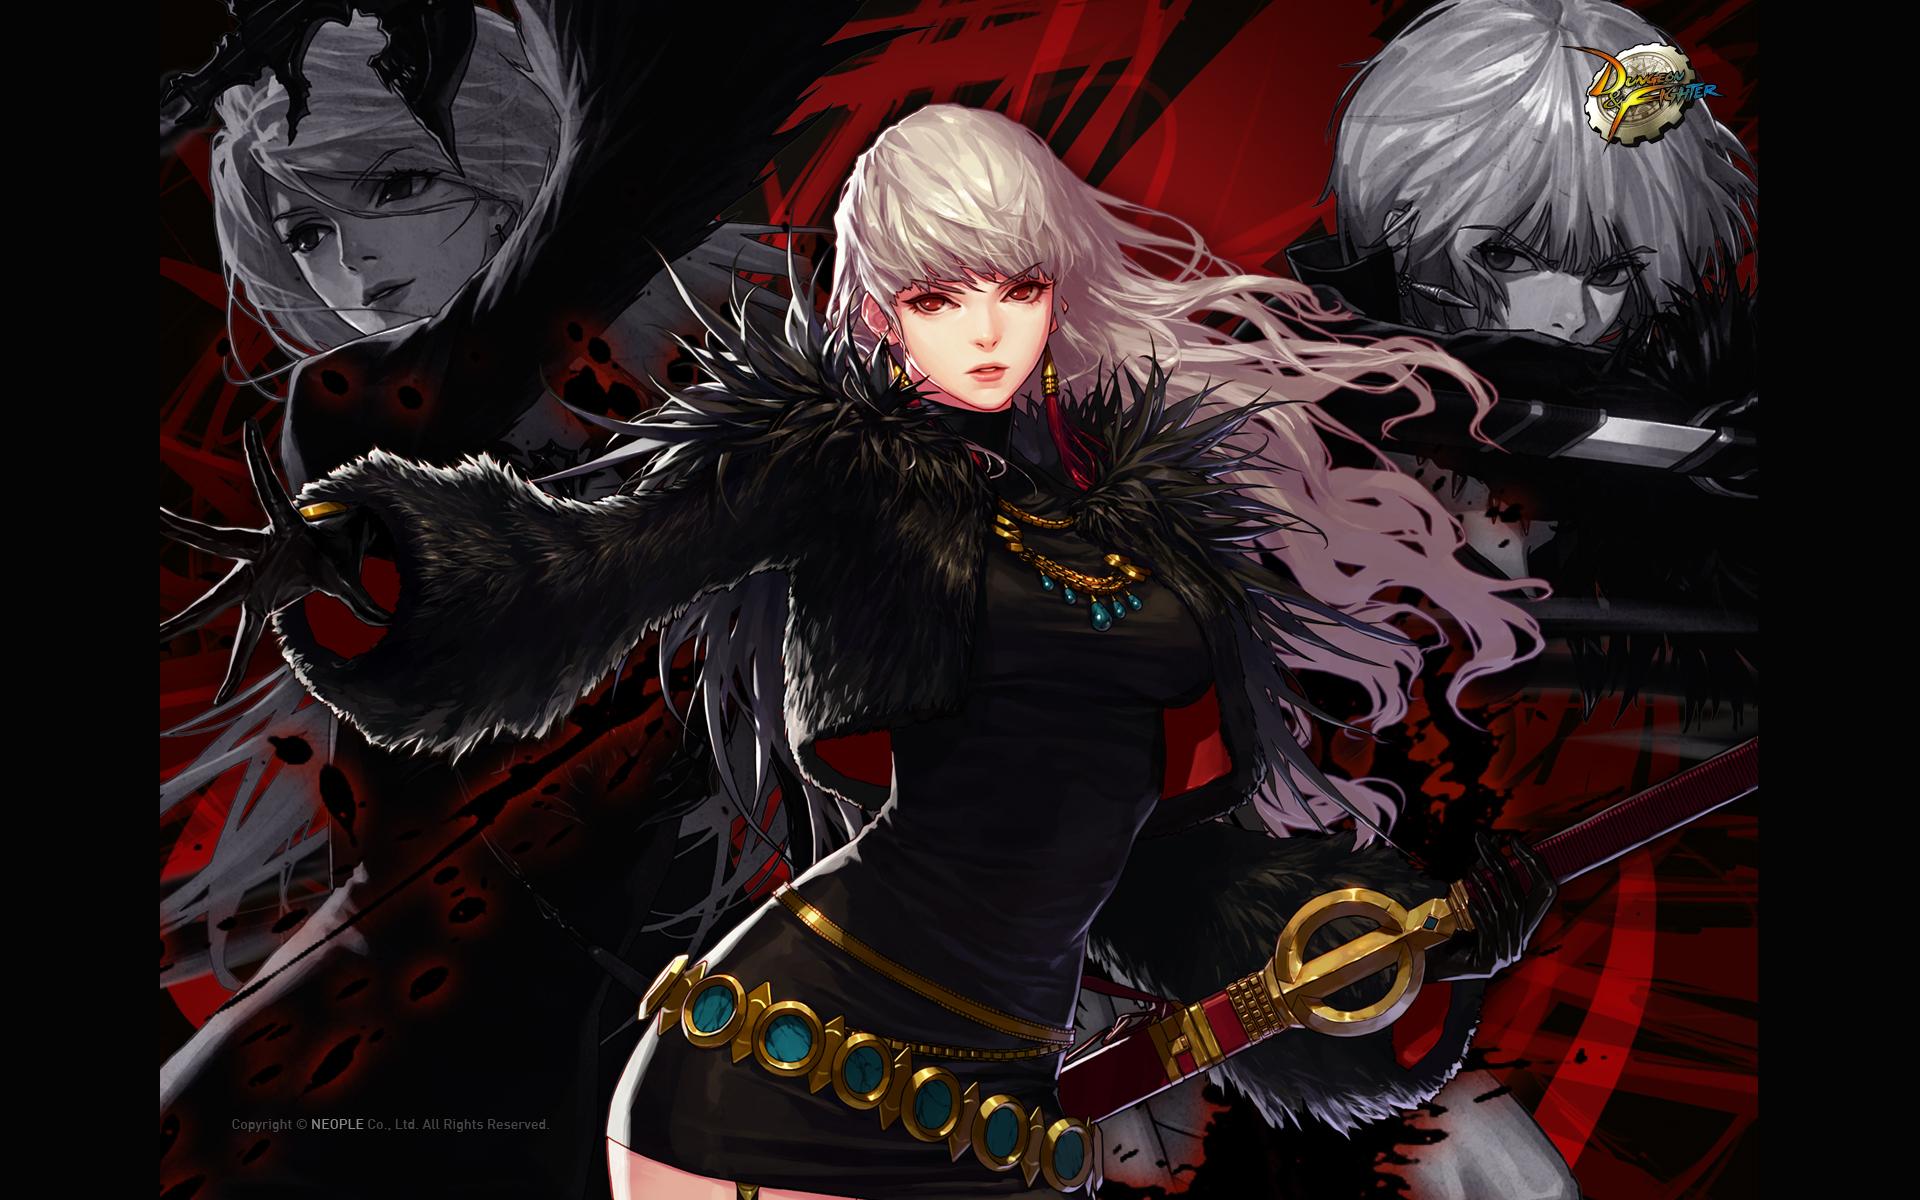 dnf女鬼剑背景故事 我的剑,掌握帝国的命运